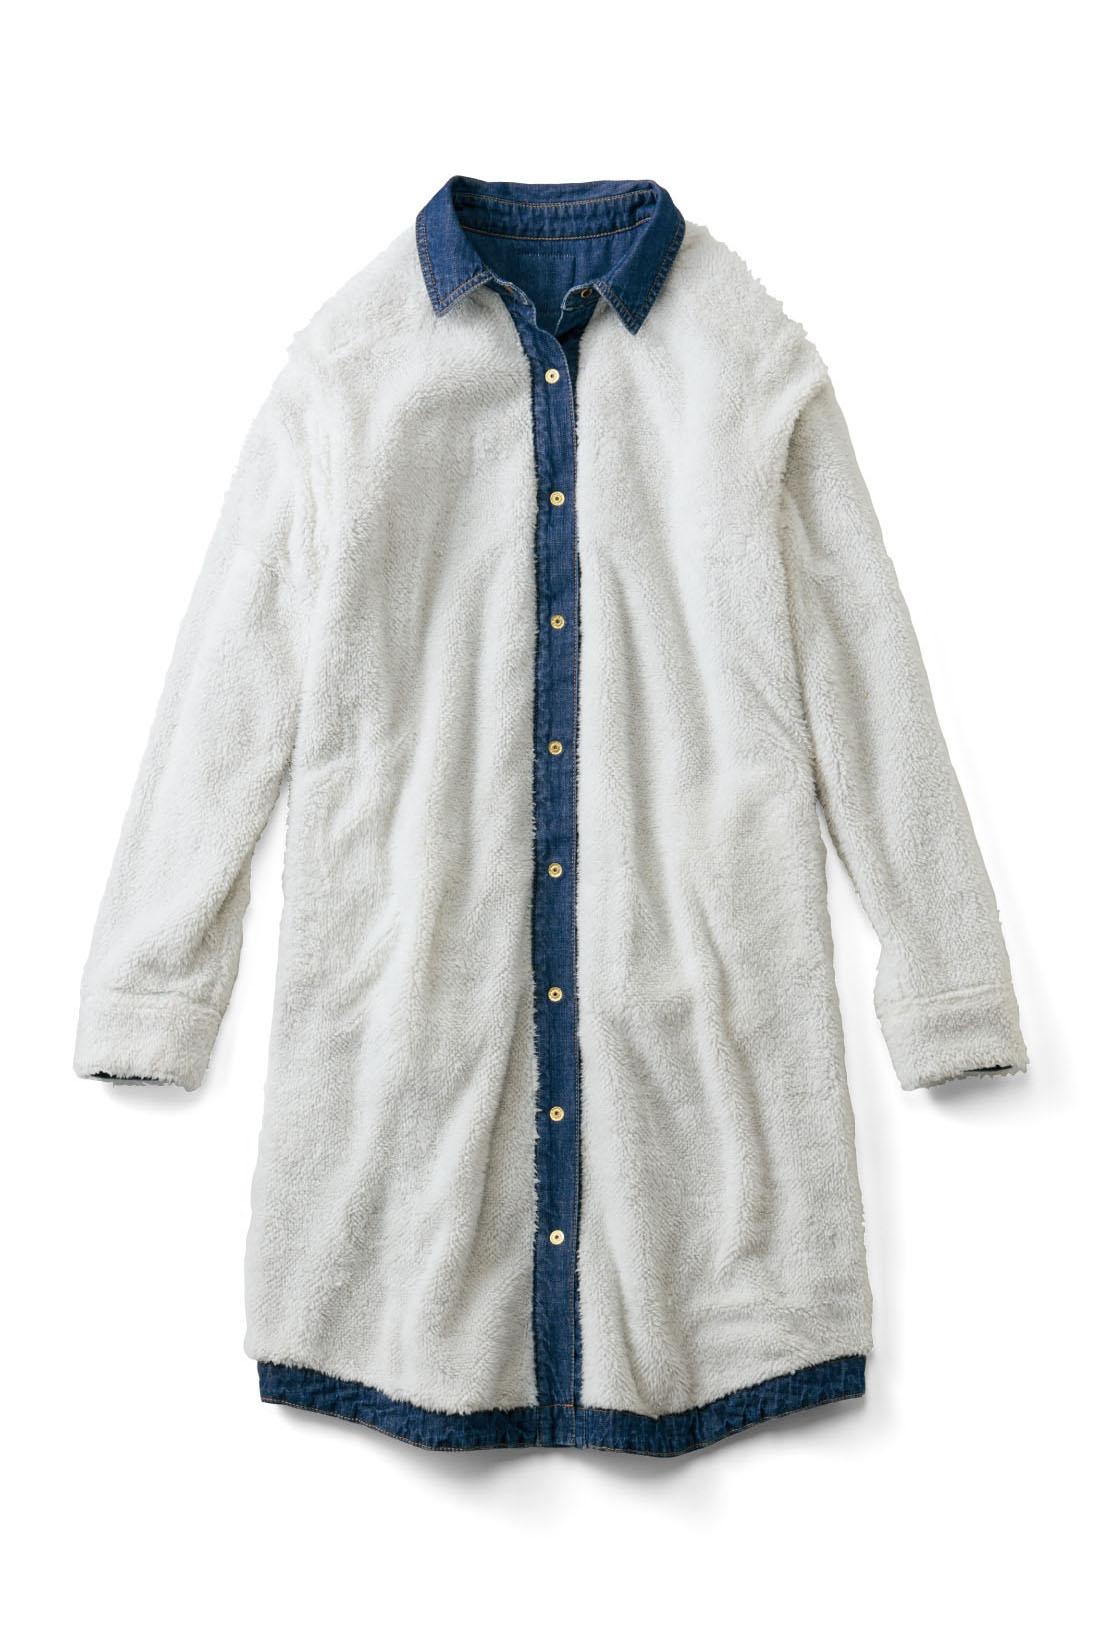 コートの下にも着るワンピだから、裏ボアは薄手のタイプを採用。着ぶくれせず、動きやすくて軽い。